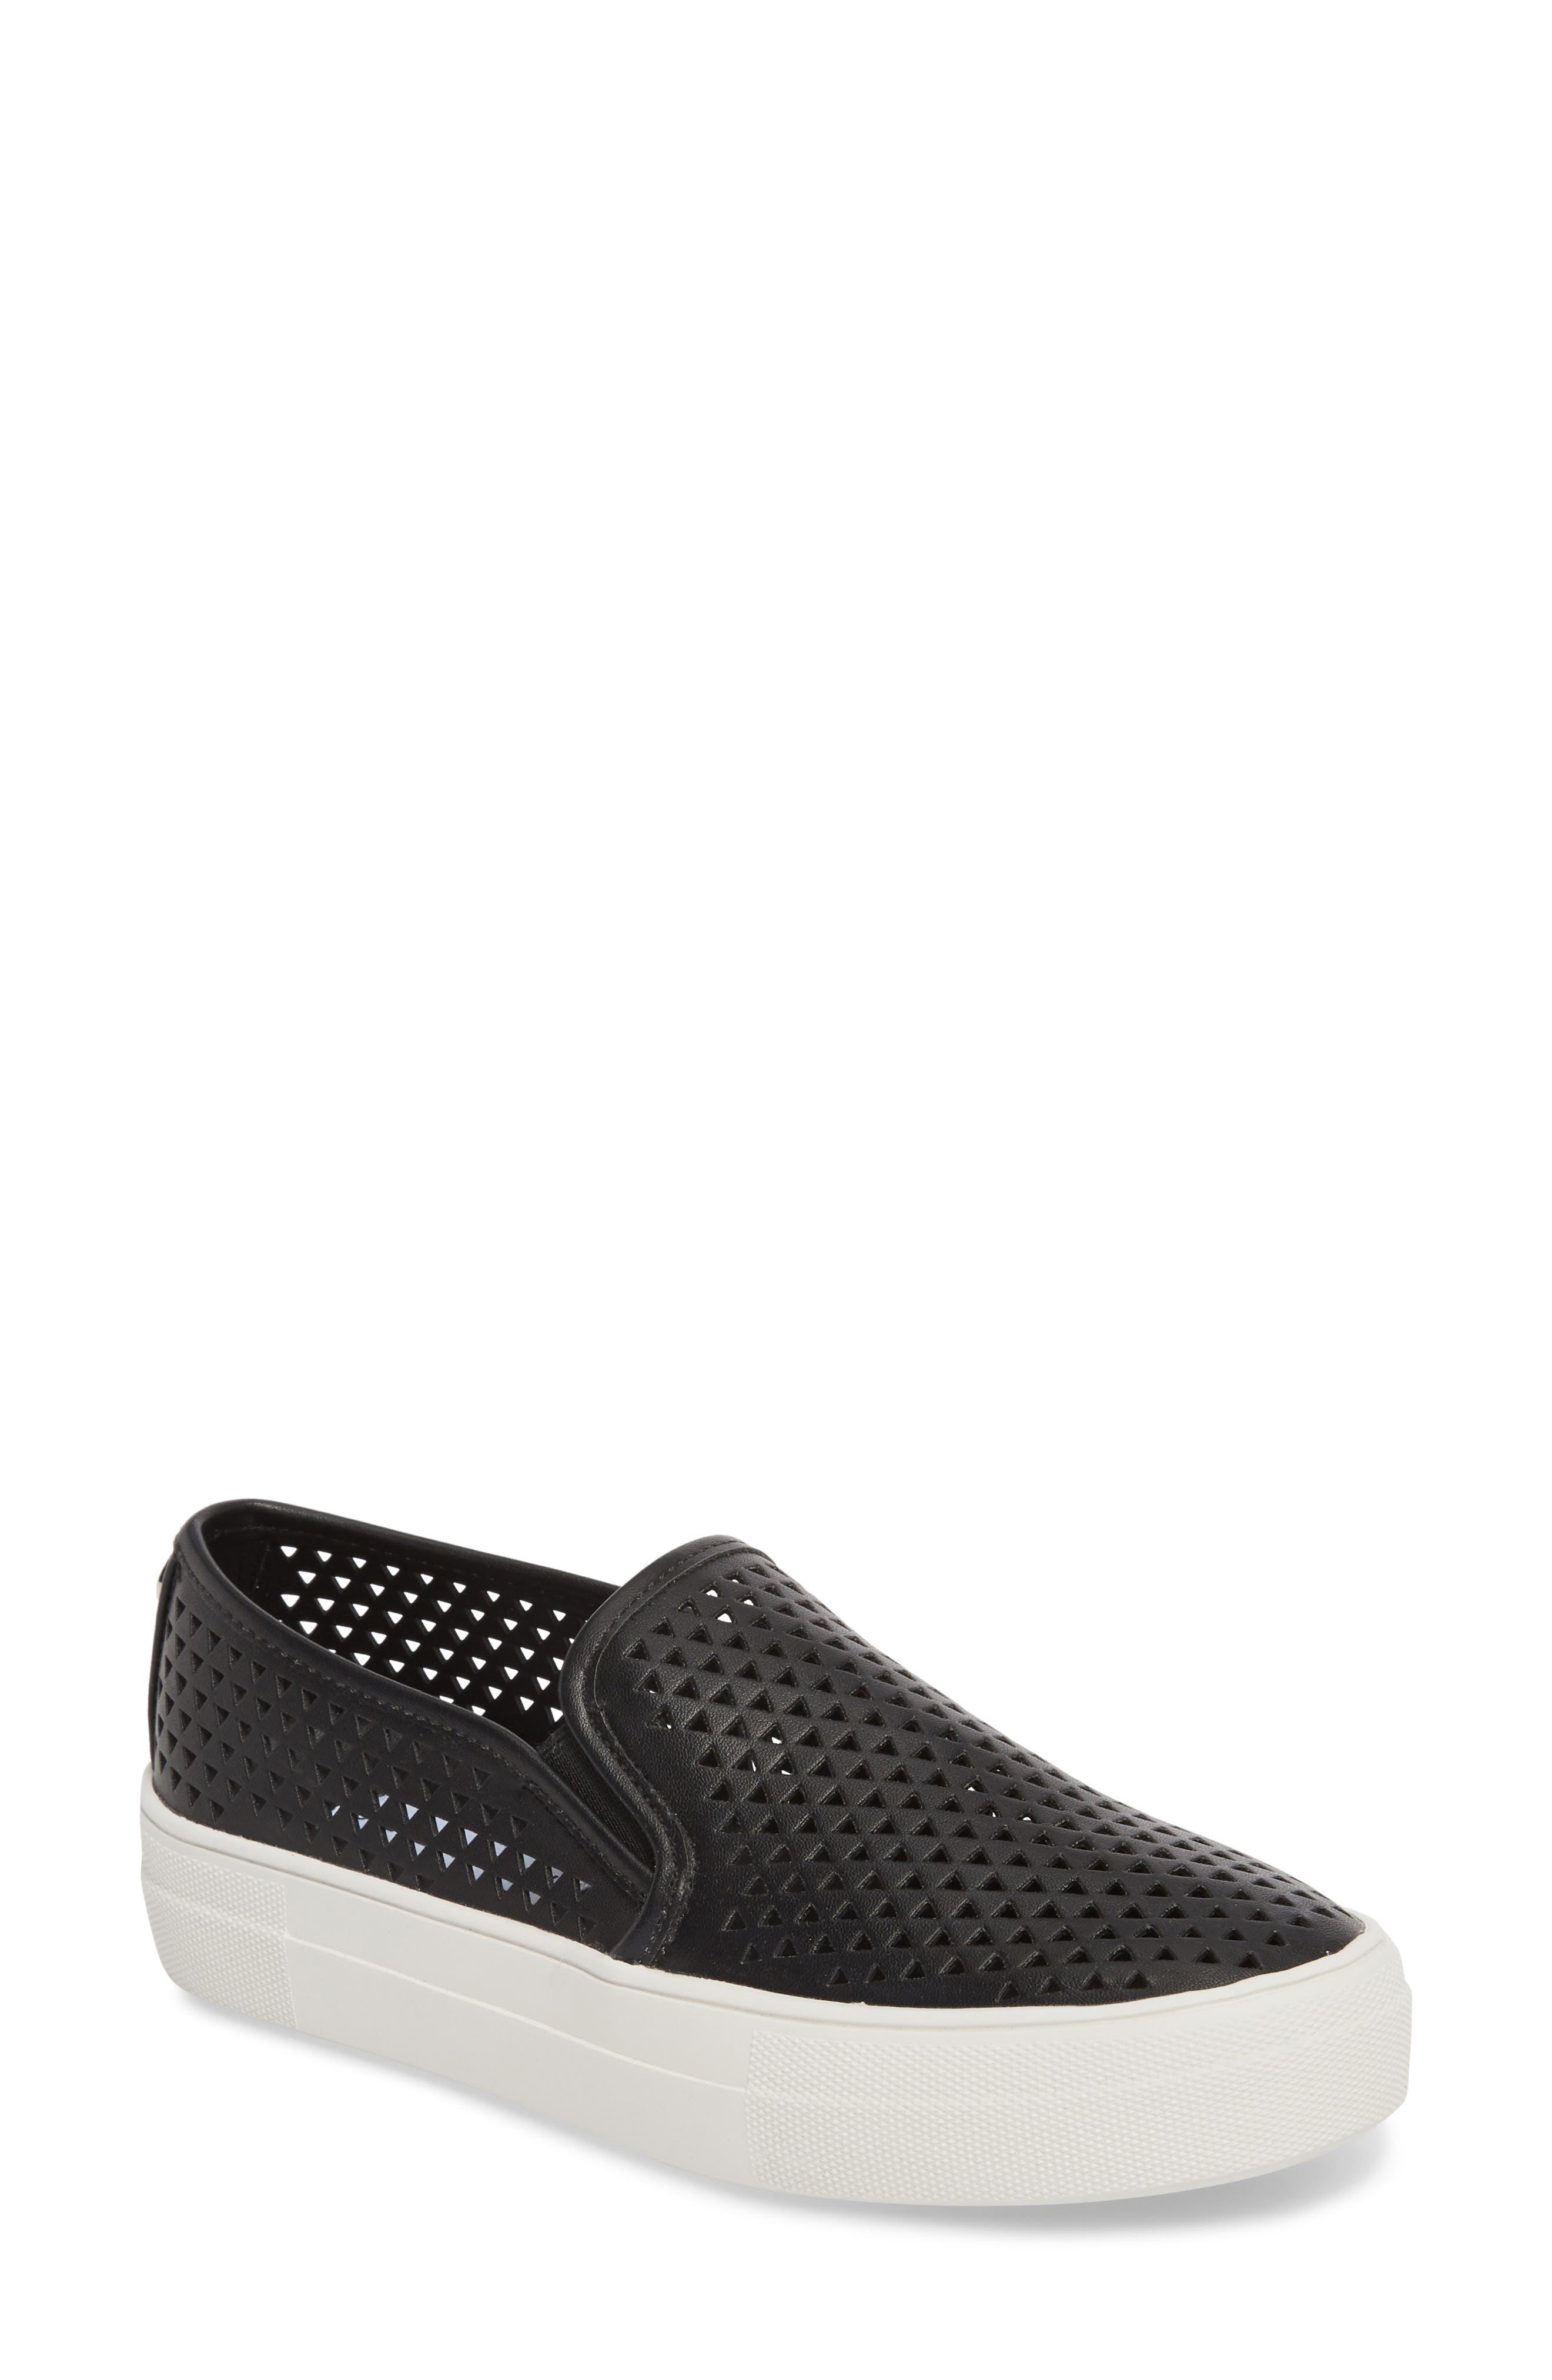 Steve Madden Gal-P Perforated Slip-On Sneaker (Women)